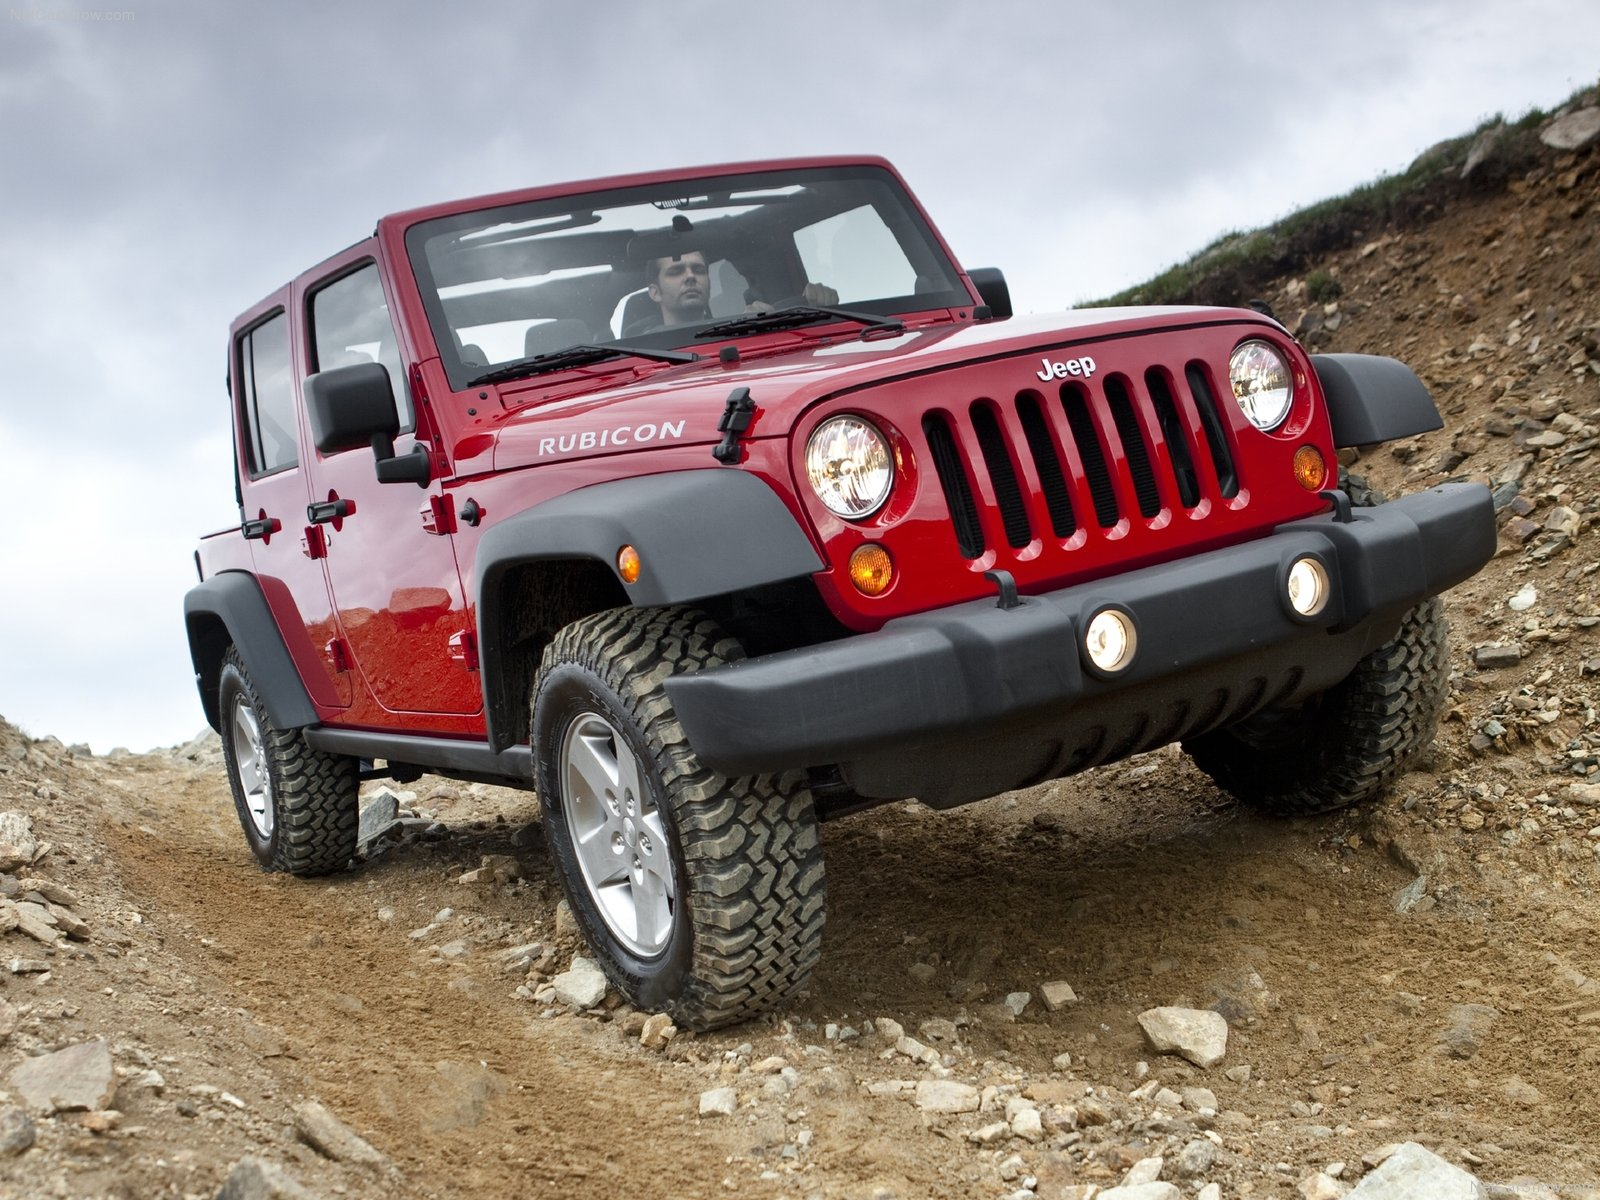 http://1.bp.blogspot.com/_D5hgPjGJZ54/THqVvM0UvqI/AAAAAAAAD1I/5zri1mGrWjI/s1600/Jeep-Wrangler_2011_1600x1200_wallpaper_02.jpg